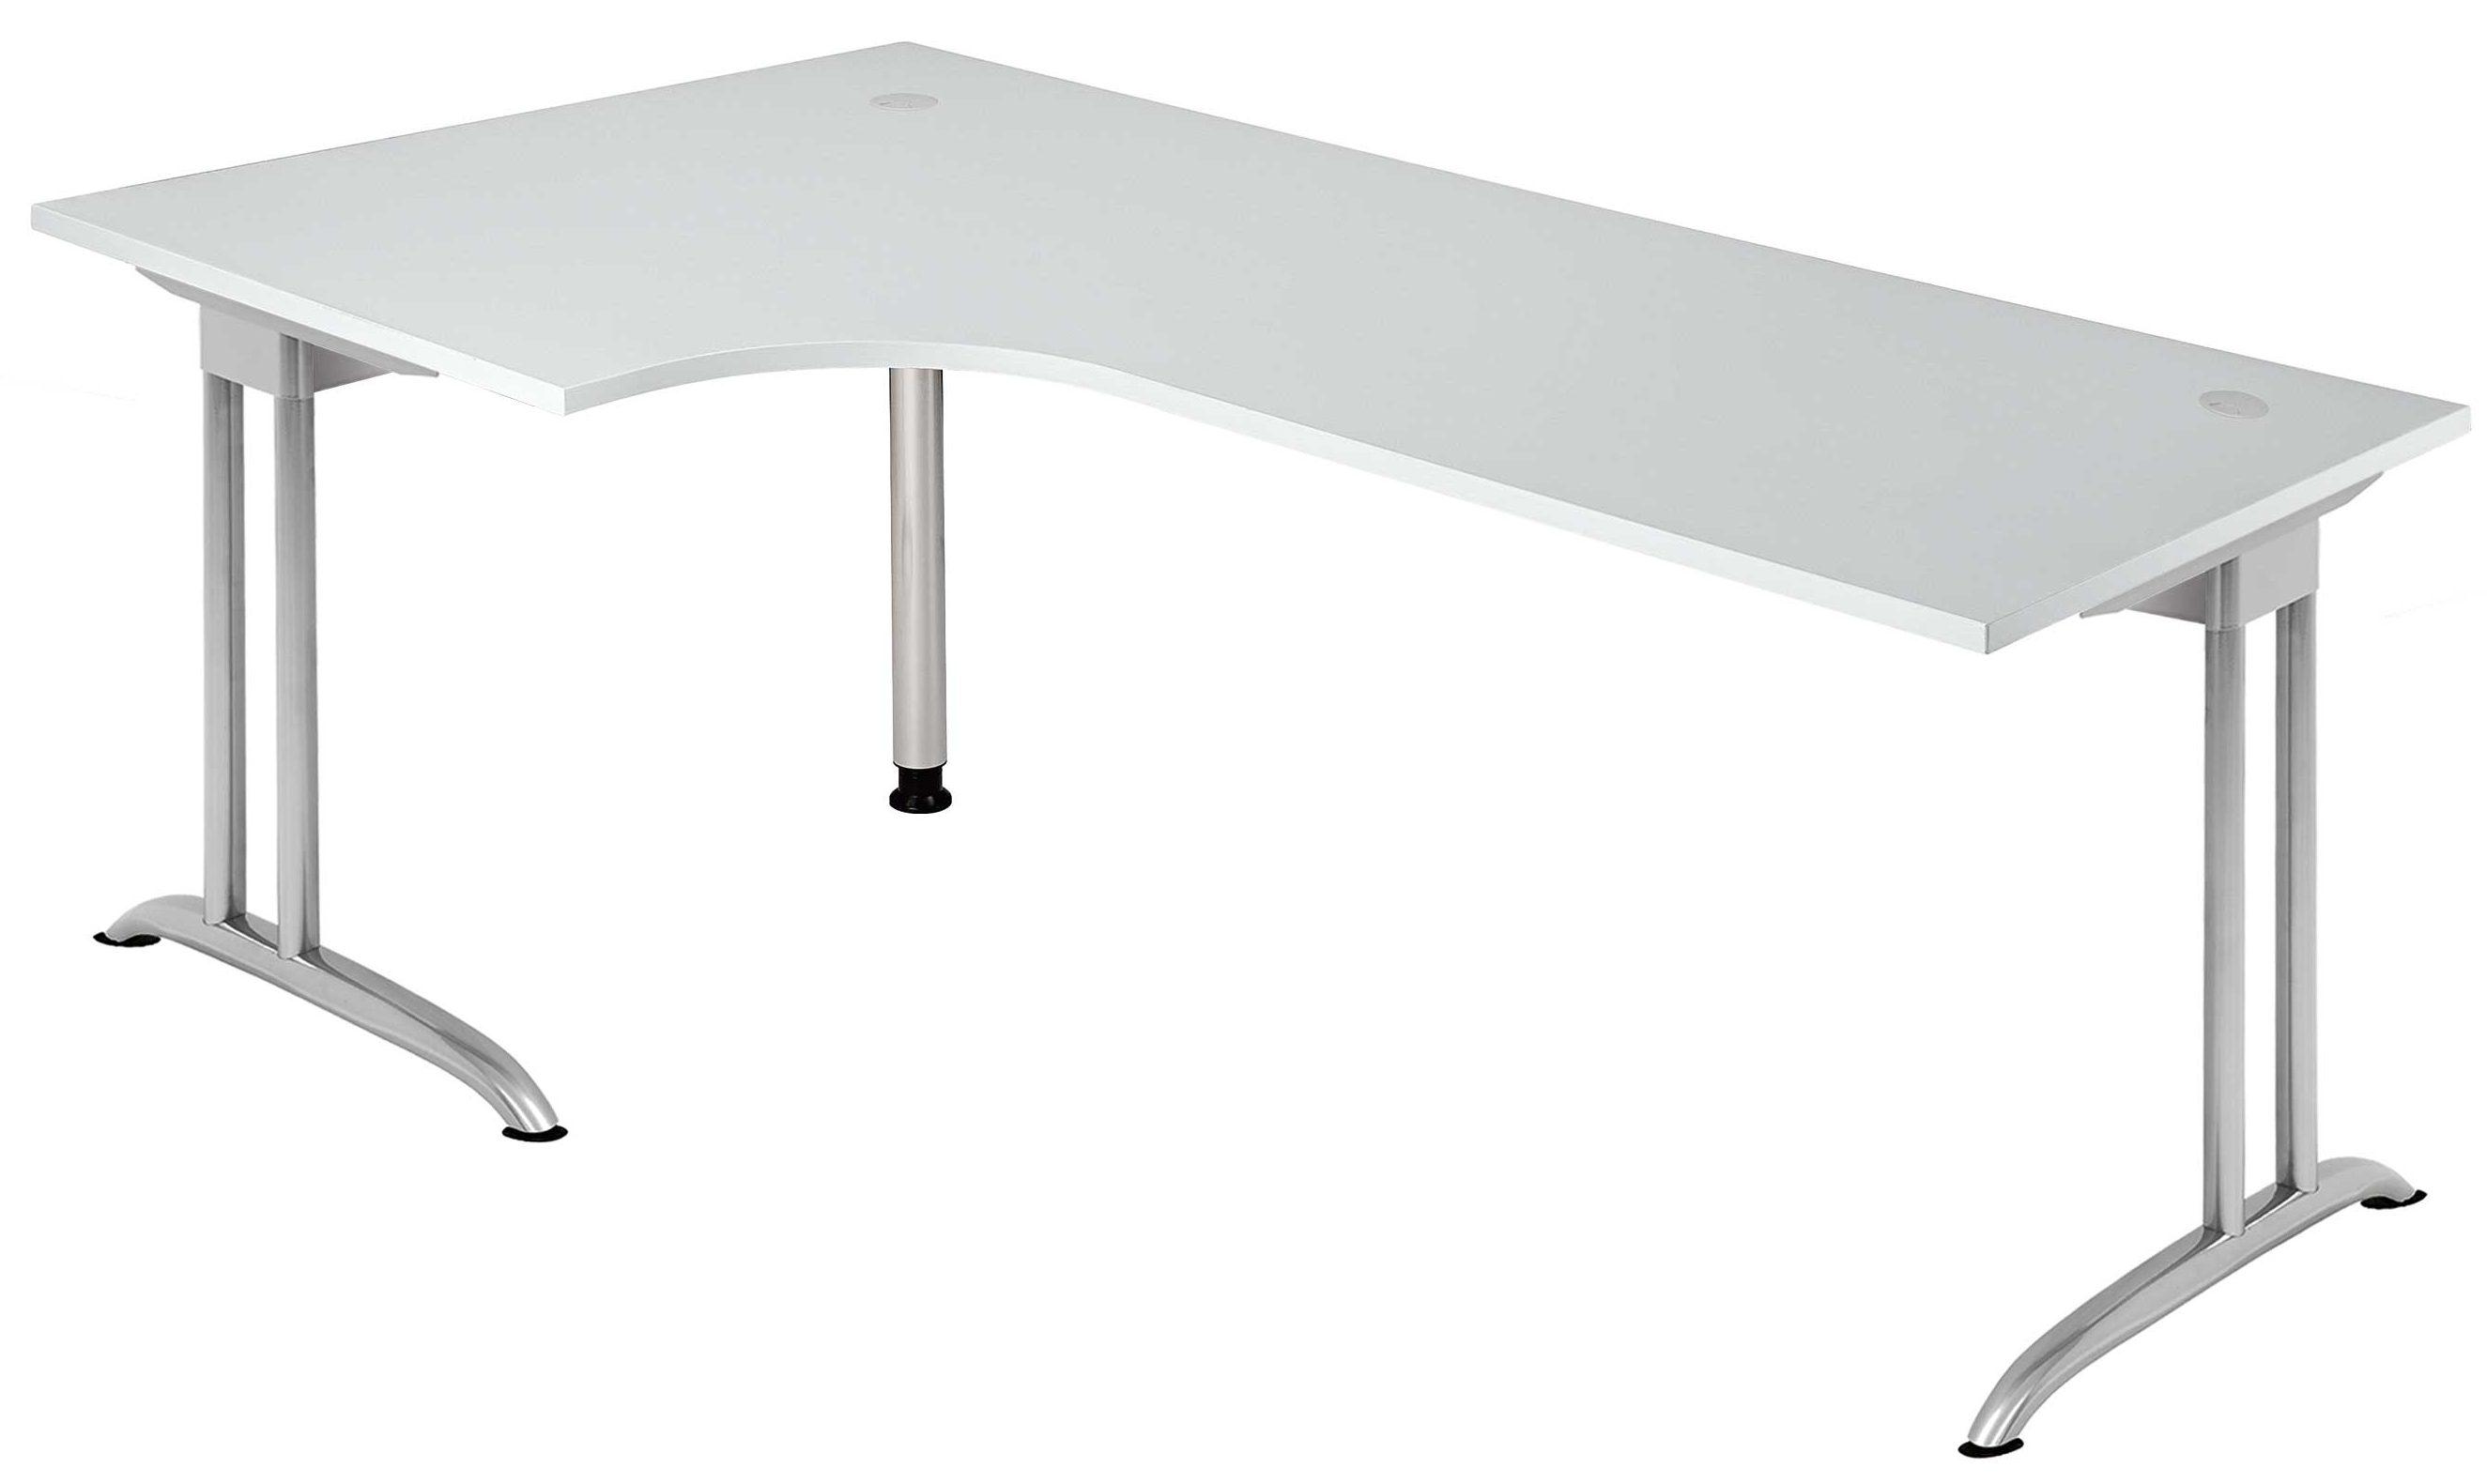 moderner und robuster b roschreibtisch easy work ew 82 mit grauer kratzunempfindlicher. Black Bedroom Furniture Sets. Home Design Ideas